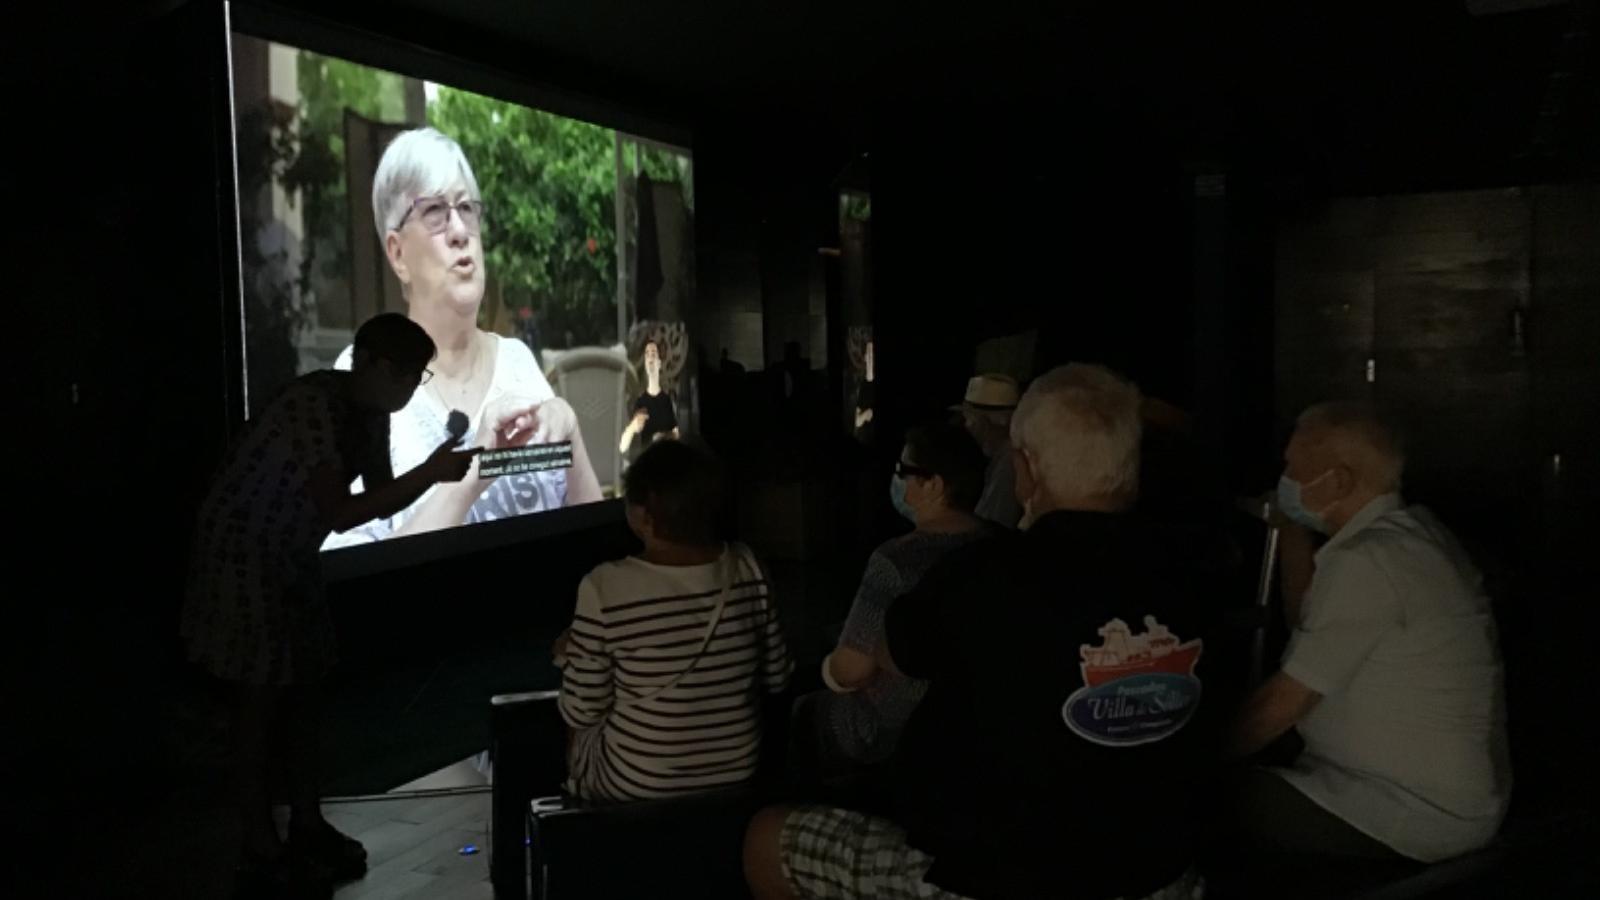 'La remor de la memòria' està exposada a la sala d'audiovisuals del Museu de la Mar de Sóller.